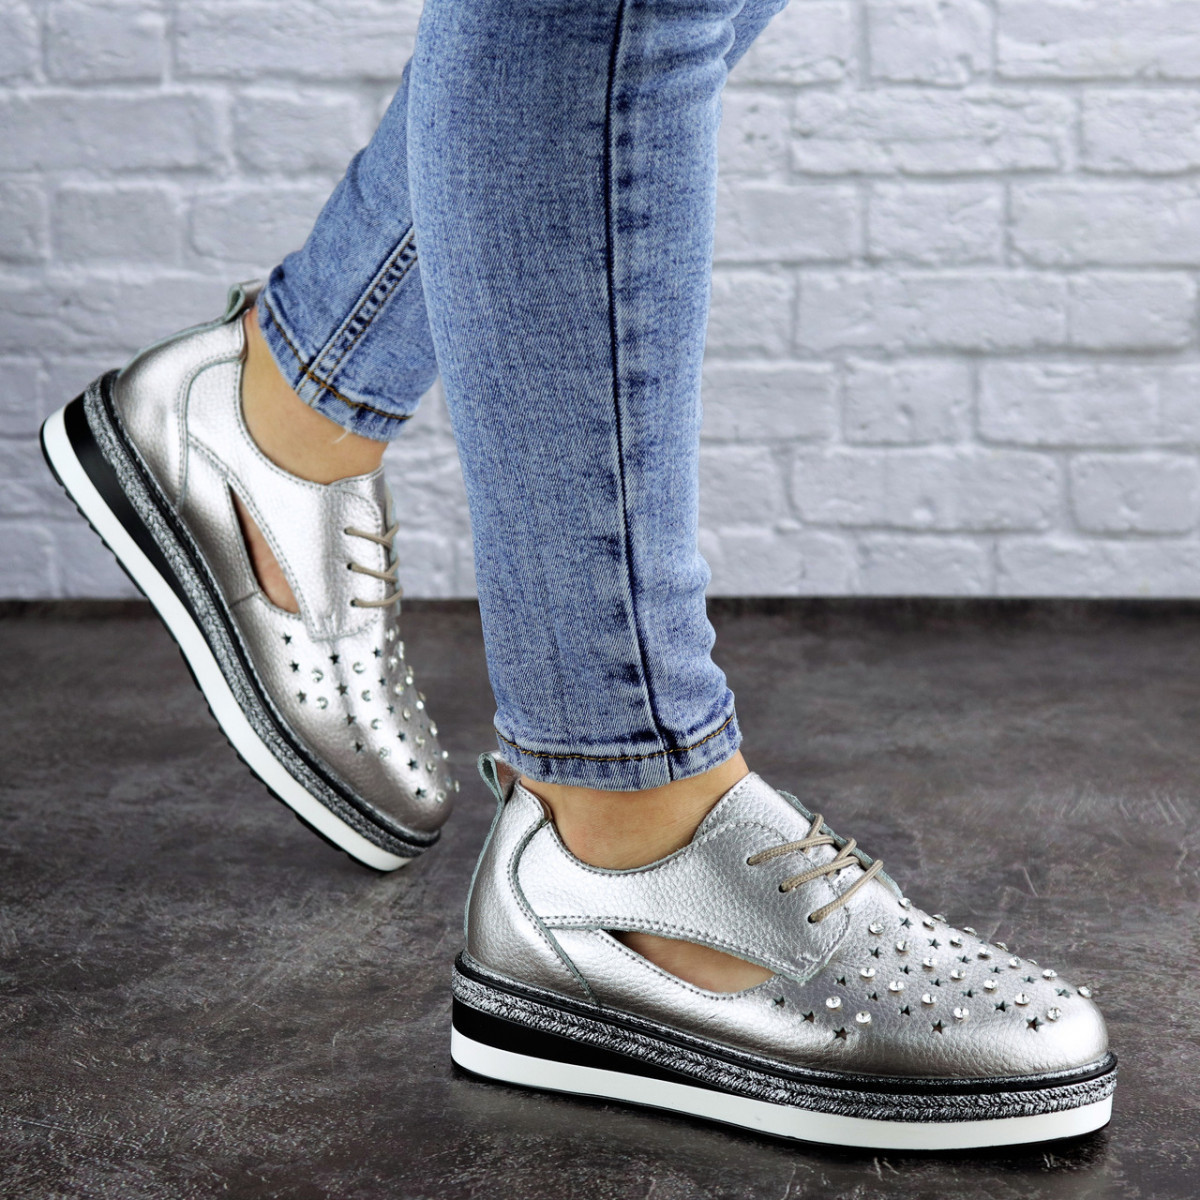 Женские туфли кожаные серебристые Demi 1966 (36 размер)